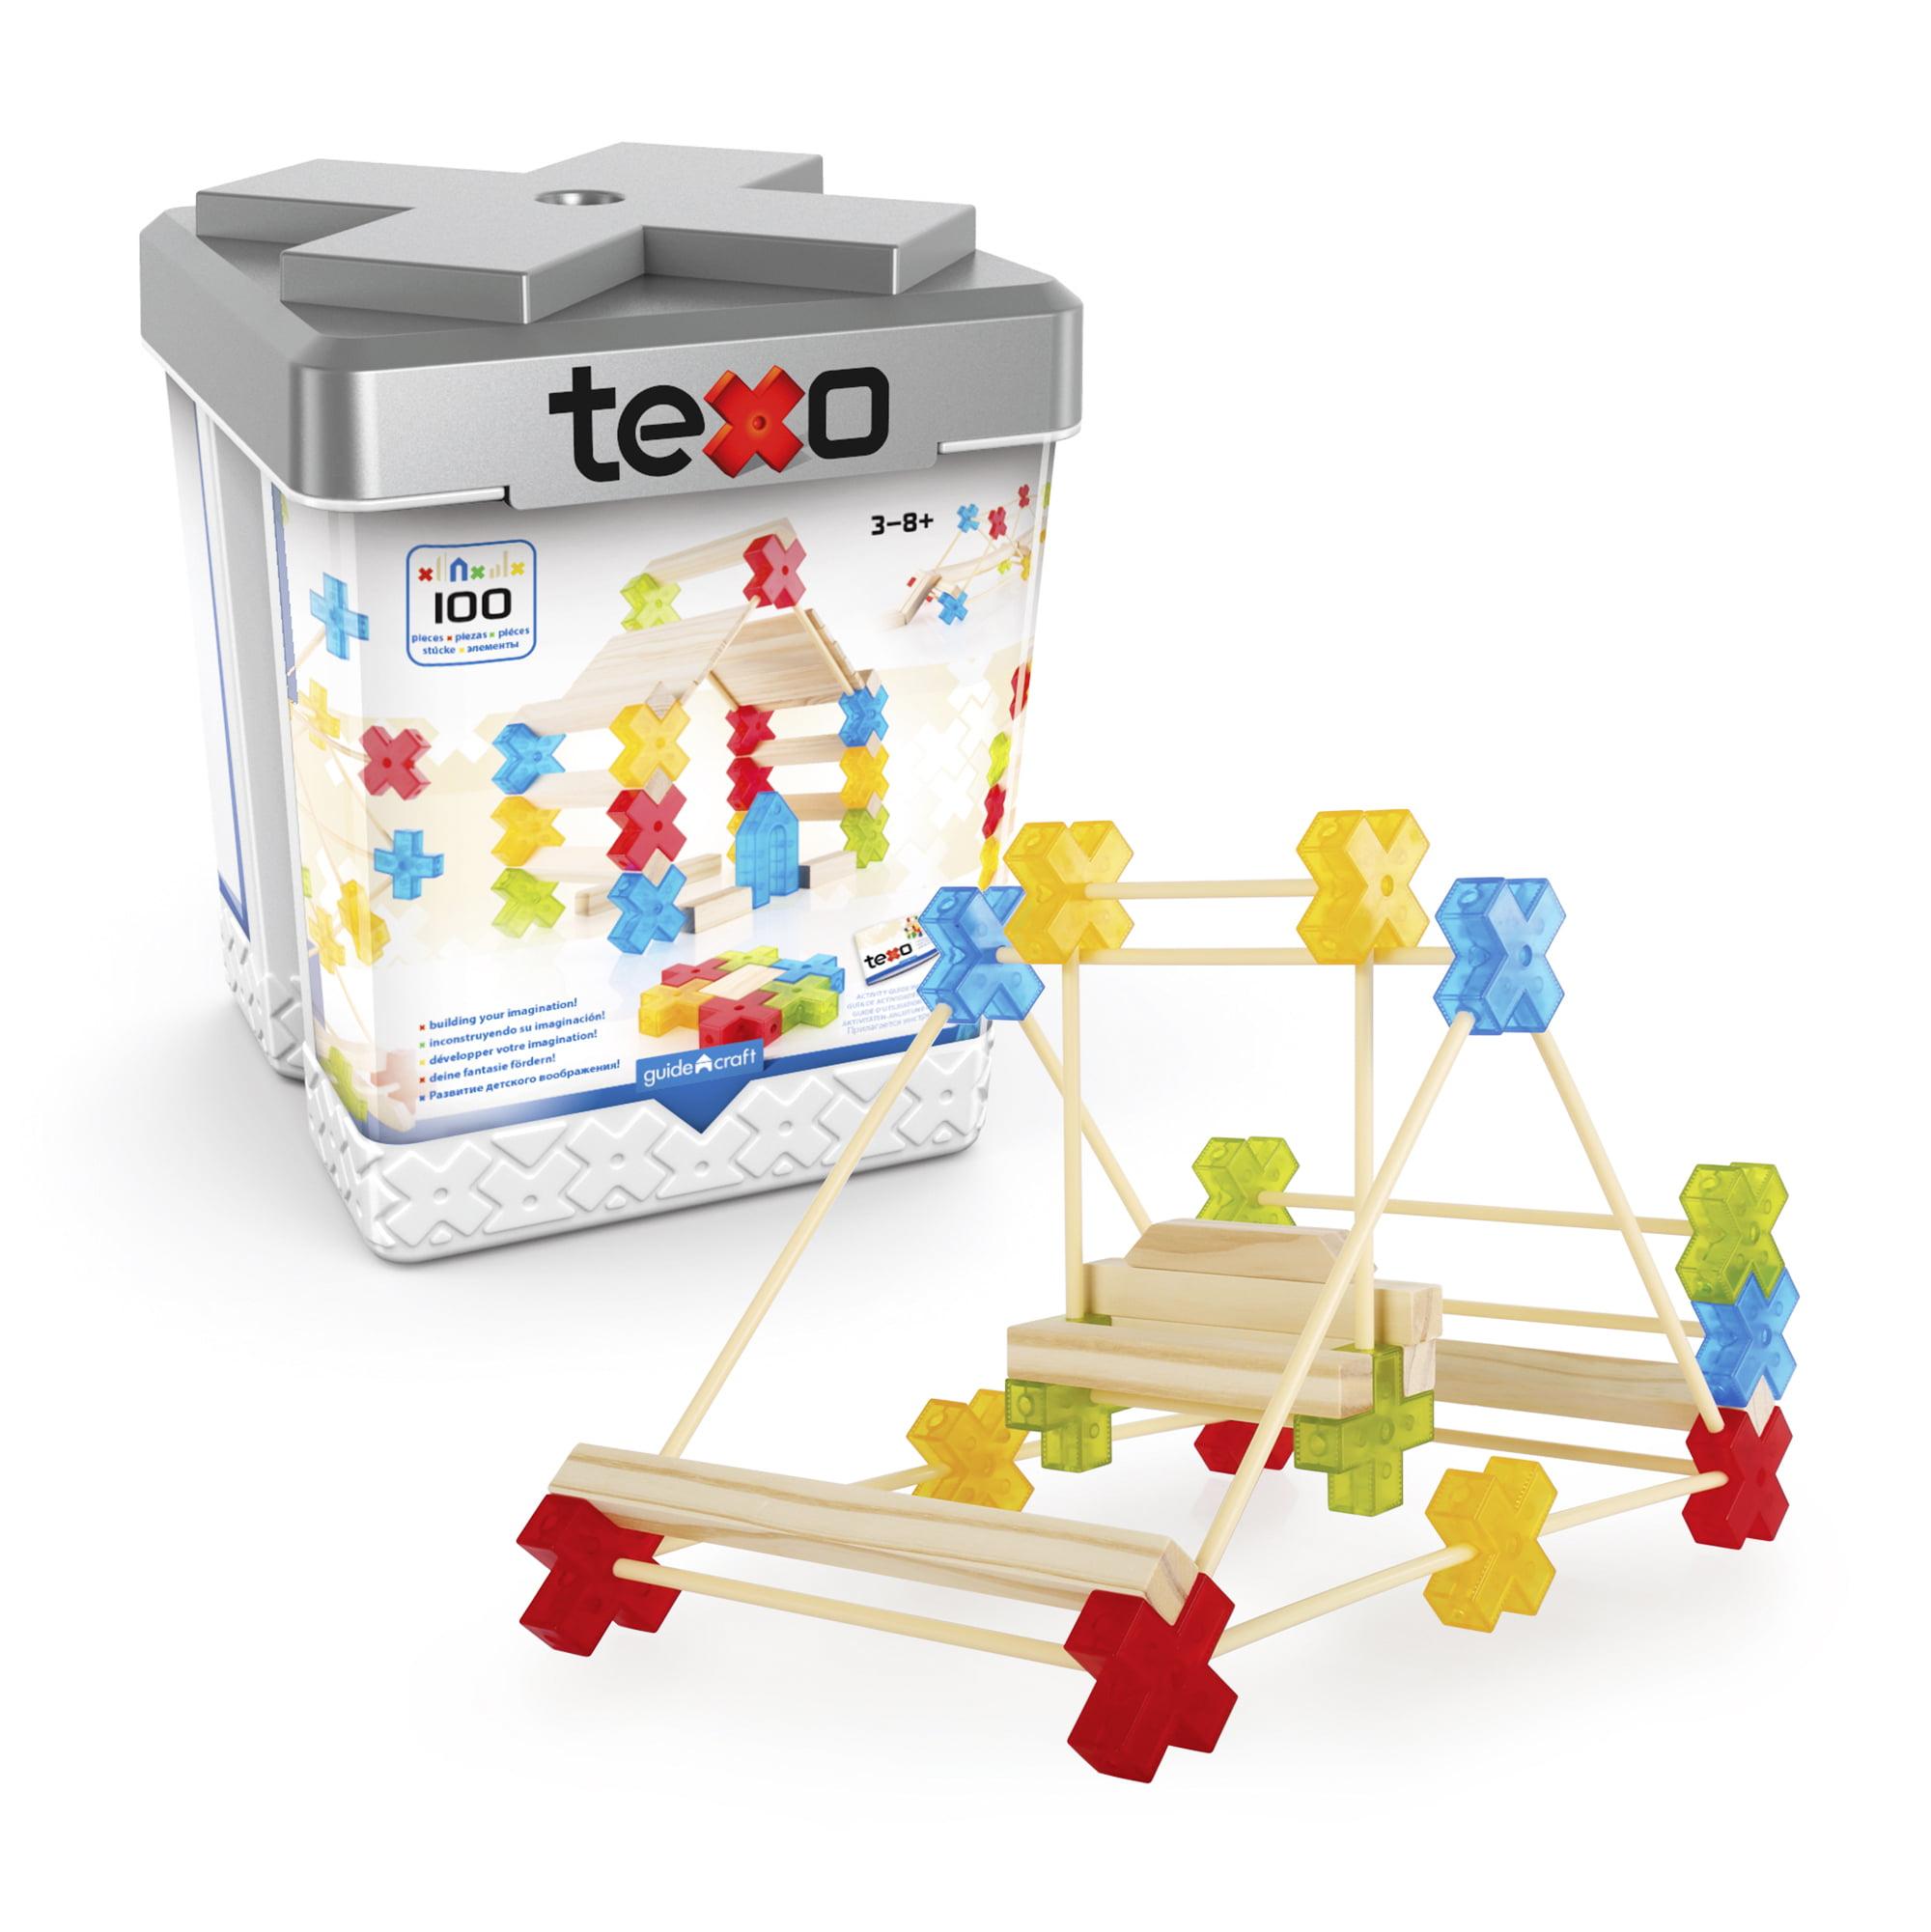 Texo® - 100 pc. Set